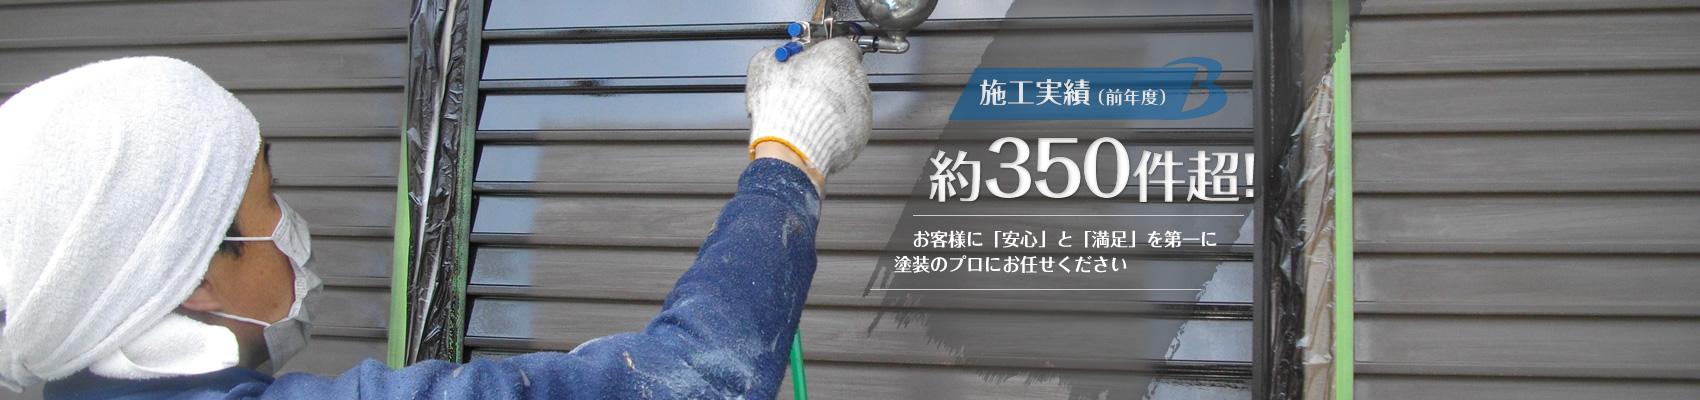 施工実績(前年度)約350件超! お客様に「安心」と「満足」を第一に 塗装のプロにお任せください